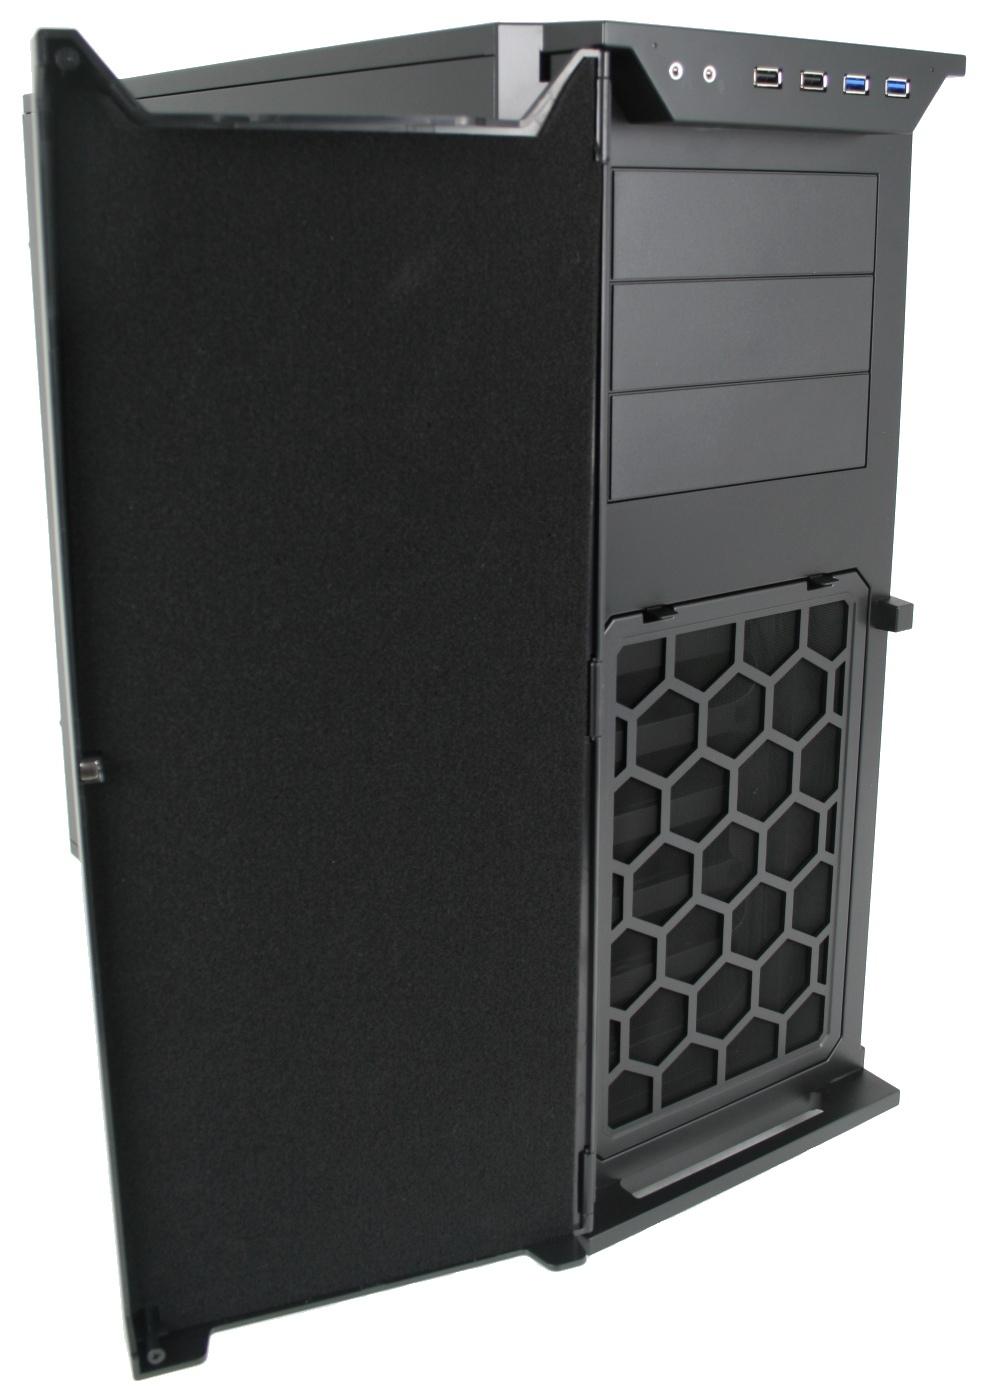 Antec P280 Front Door